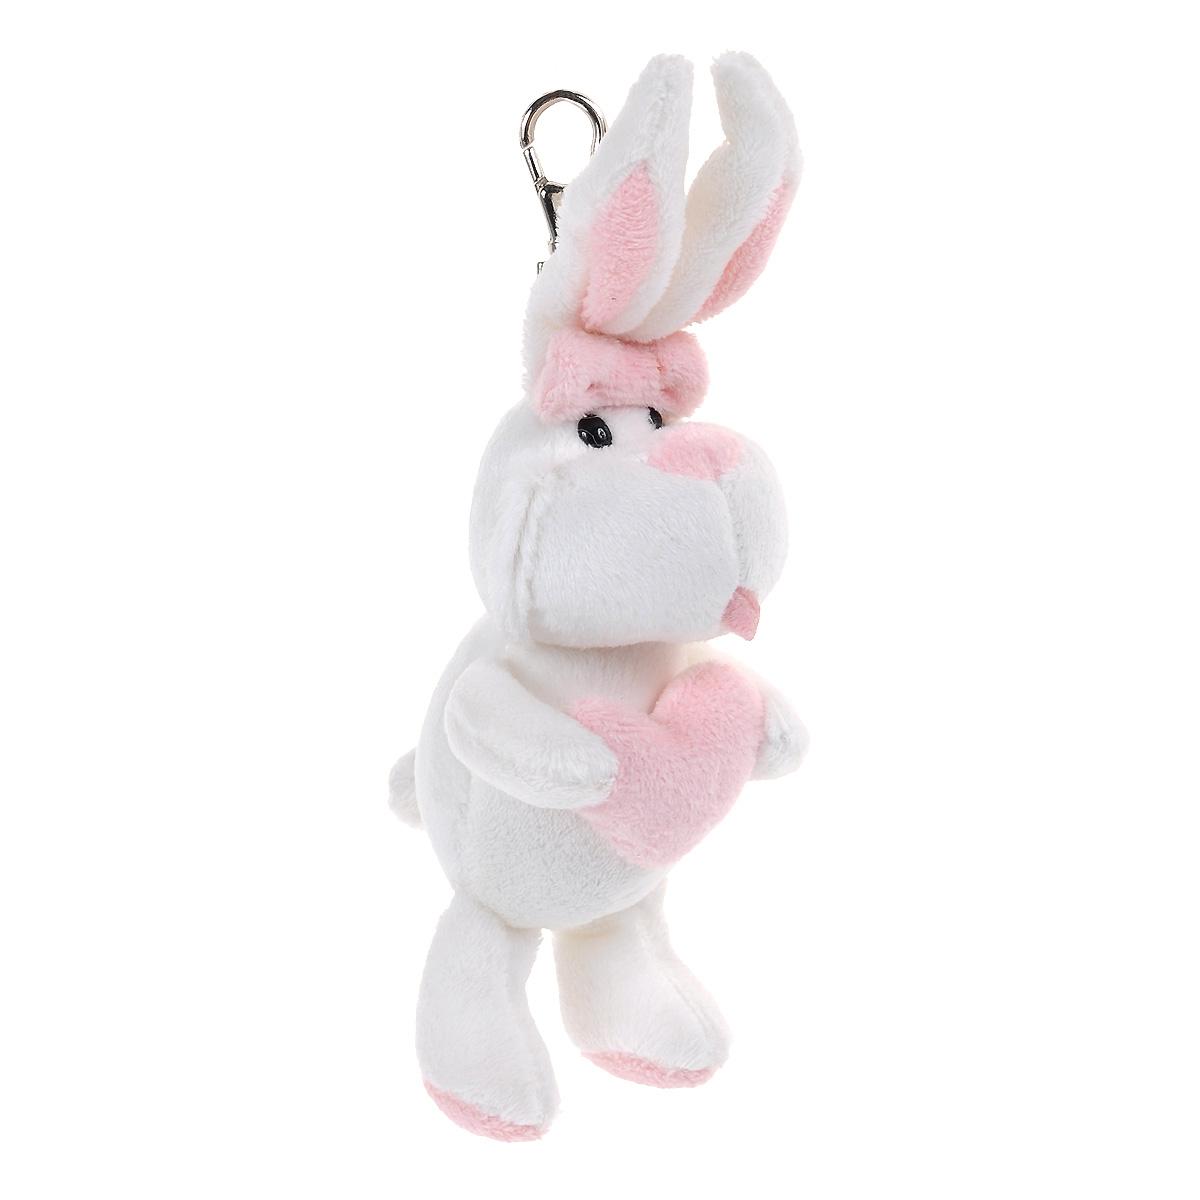 Брелок Gulliver Кролик с сердцем, цвет: белый, 19 см7-54710Очаровательный брелок Gulliver Кролик с сердцем вызовет улыбку как у взрослого, так и у ребенка. Он выполнен из полиакрила и модакрила с набивкой из синтепона в виде милого кролика. Глазки игрушки пластиковые; в лапках кролик держит сердечко. К игрушке крепится карабин, с помощью которого ее можно пристегнуть к сумке, рюкзачку или связке ключей. Оригинальный стиль и великолепное качество исполнения делают этот брелок чудесным подарком к любому празднику, а трогательный образ представит такой подарок в самом лучшем свете.